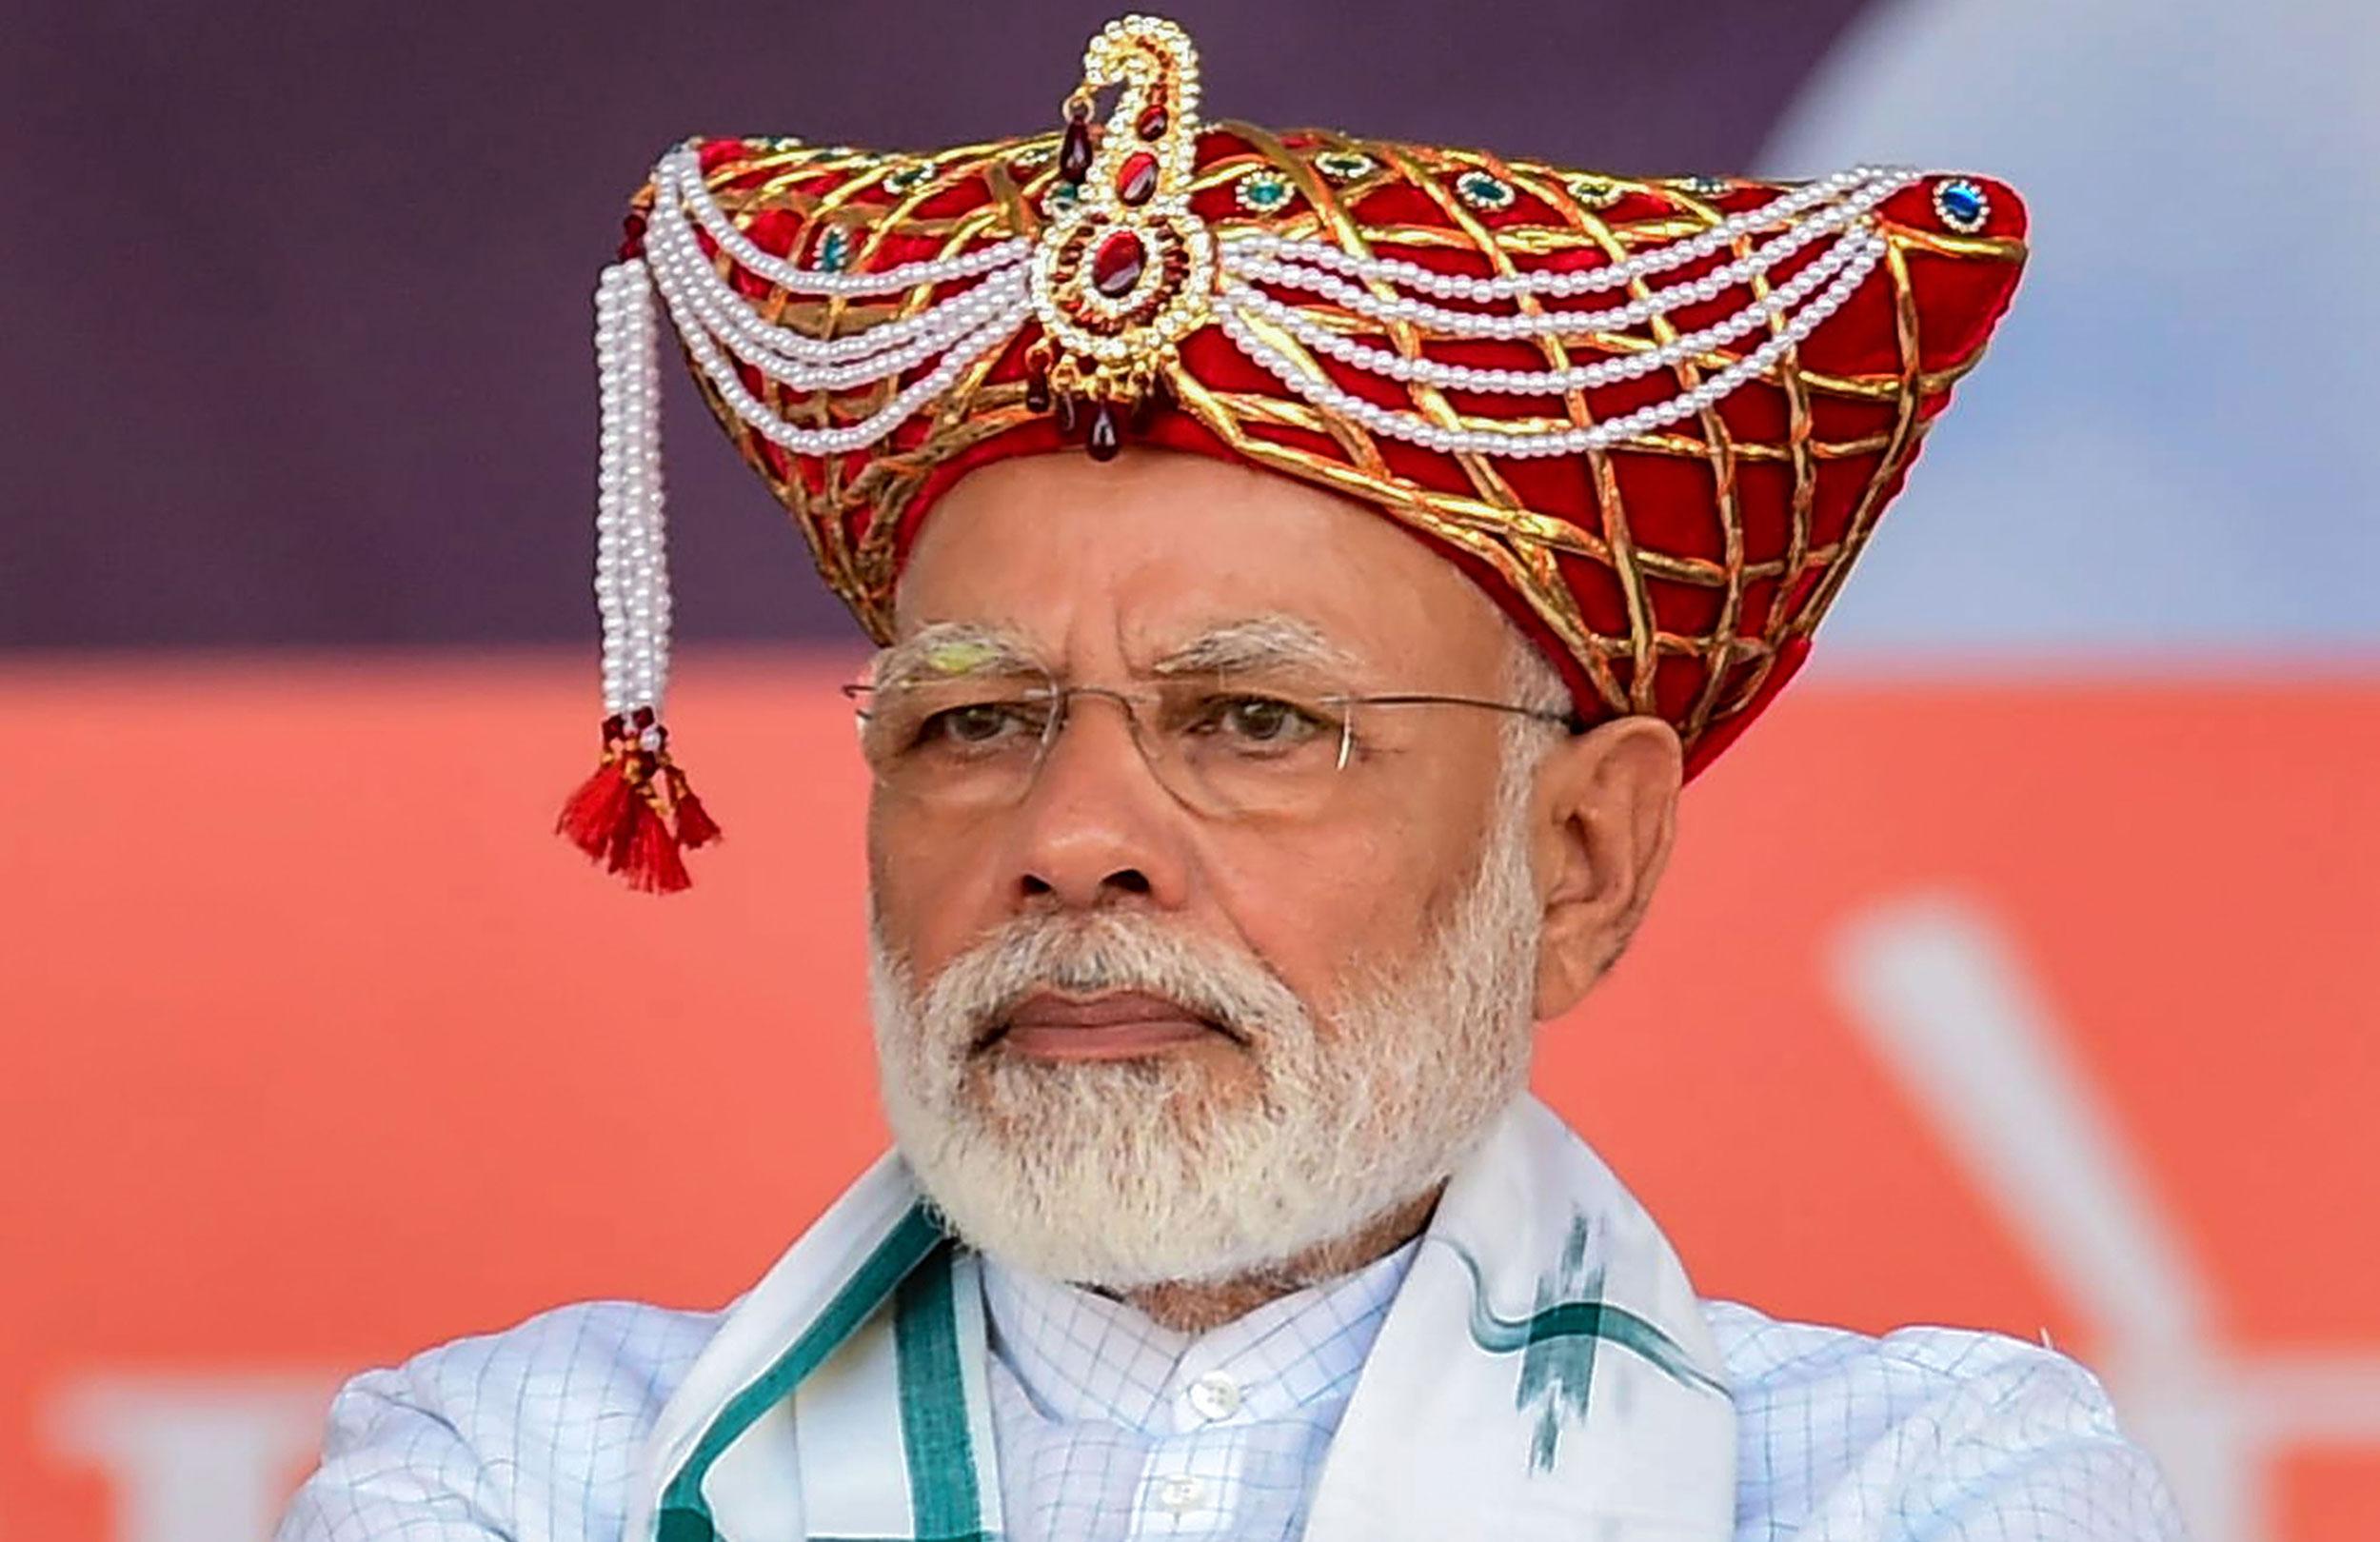 Prime Minister Narendra Modi during the 'Vijay Sankalp Rally' in Nashik on September 19, 2019.